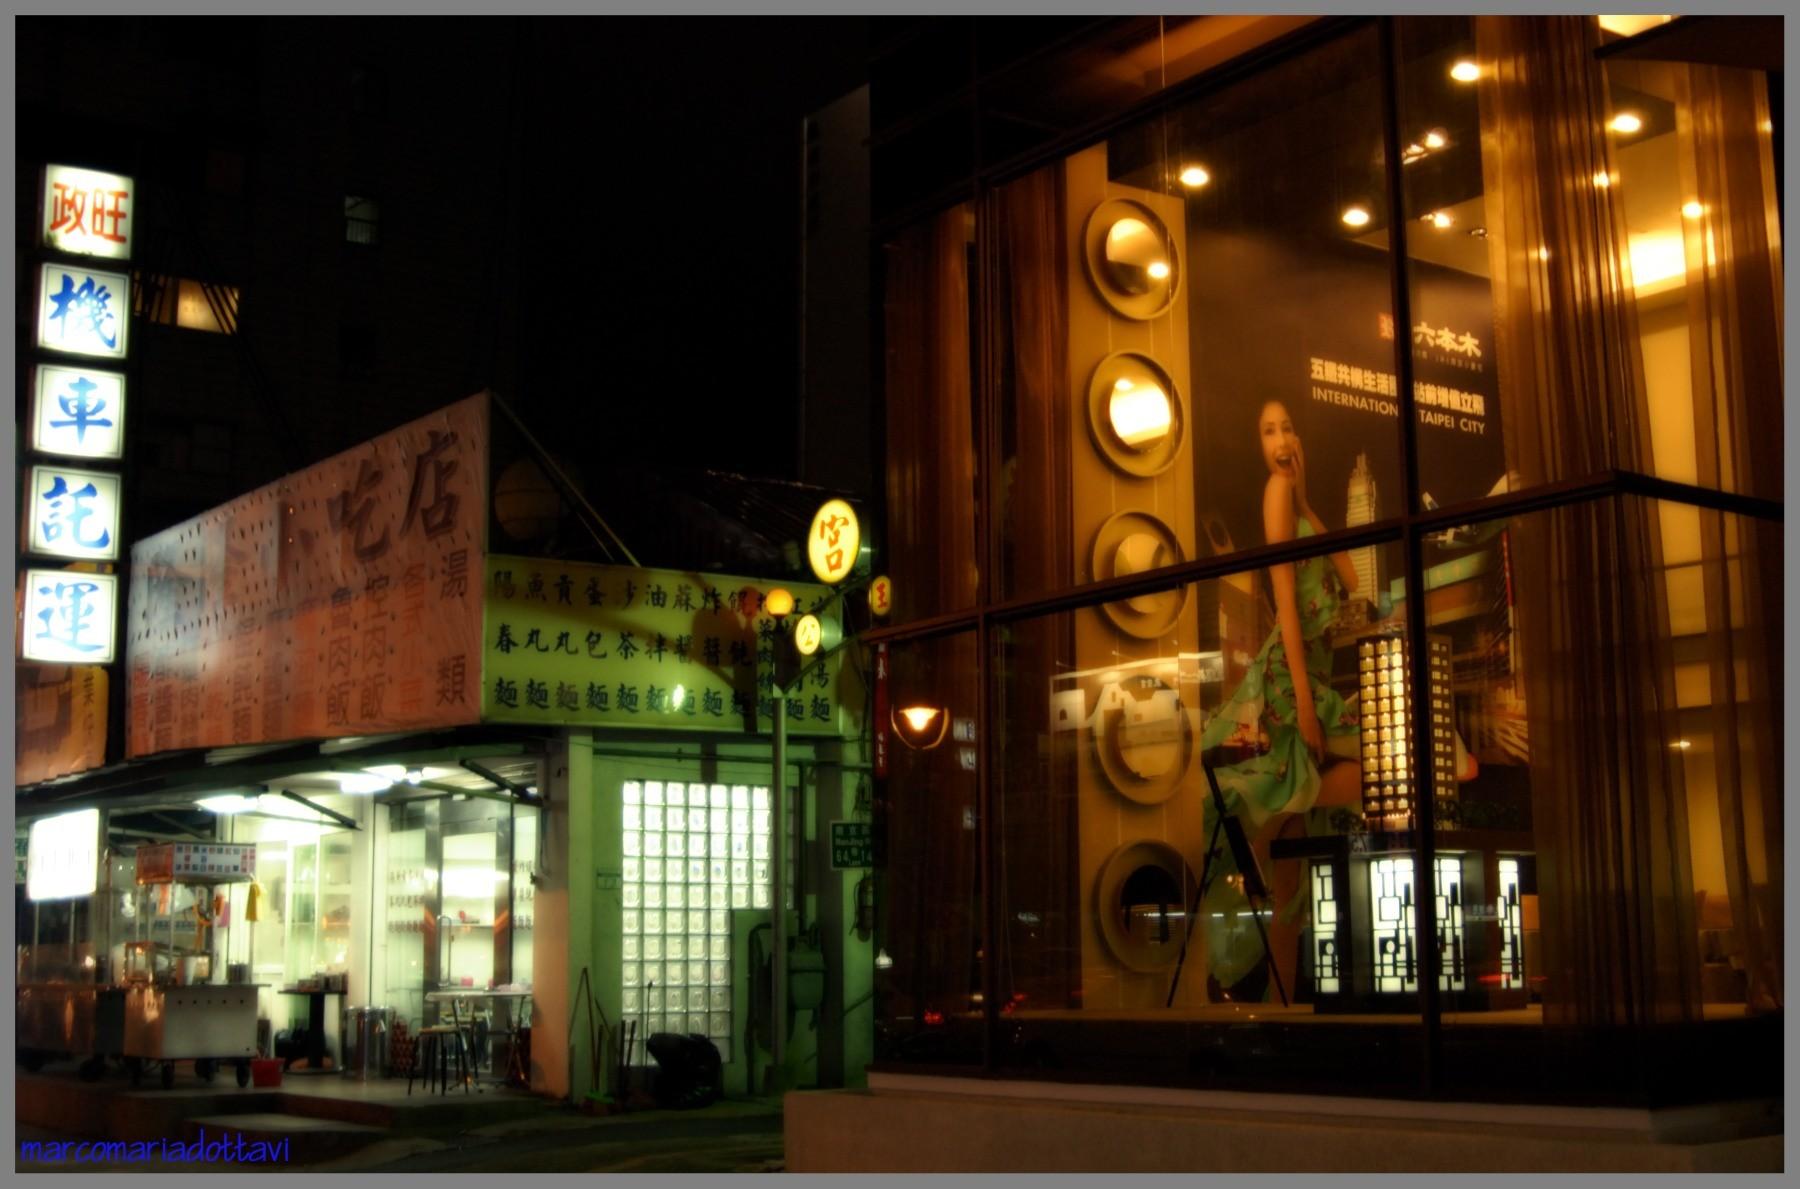 4291608-Taipei-0015 Storie di Luce